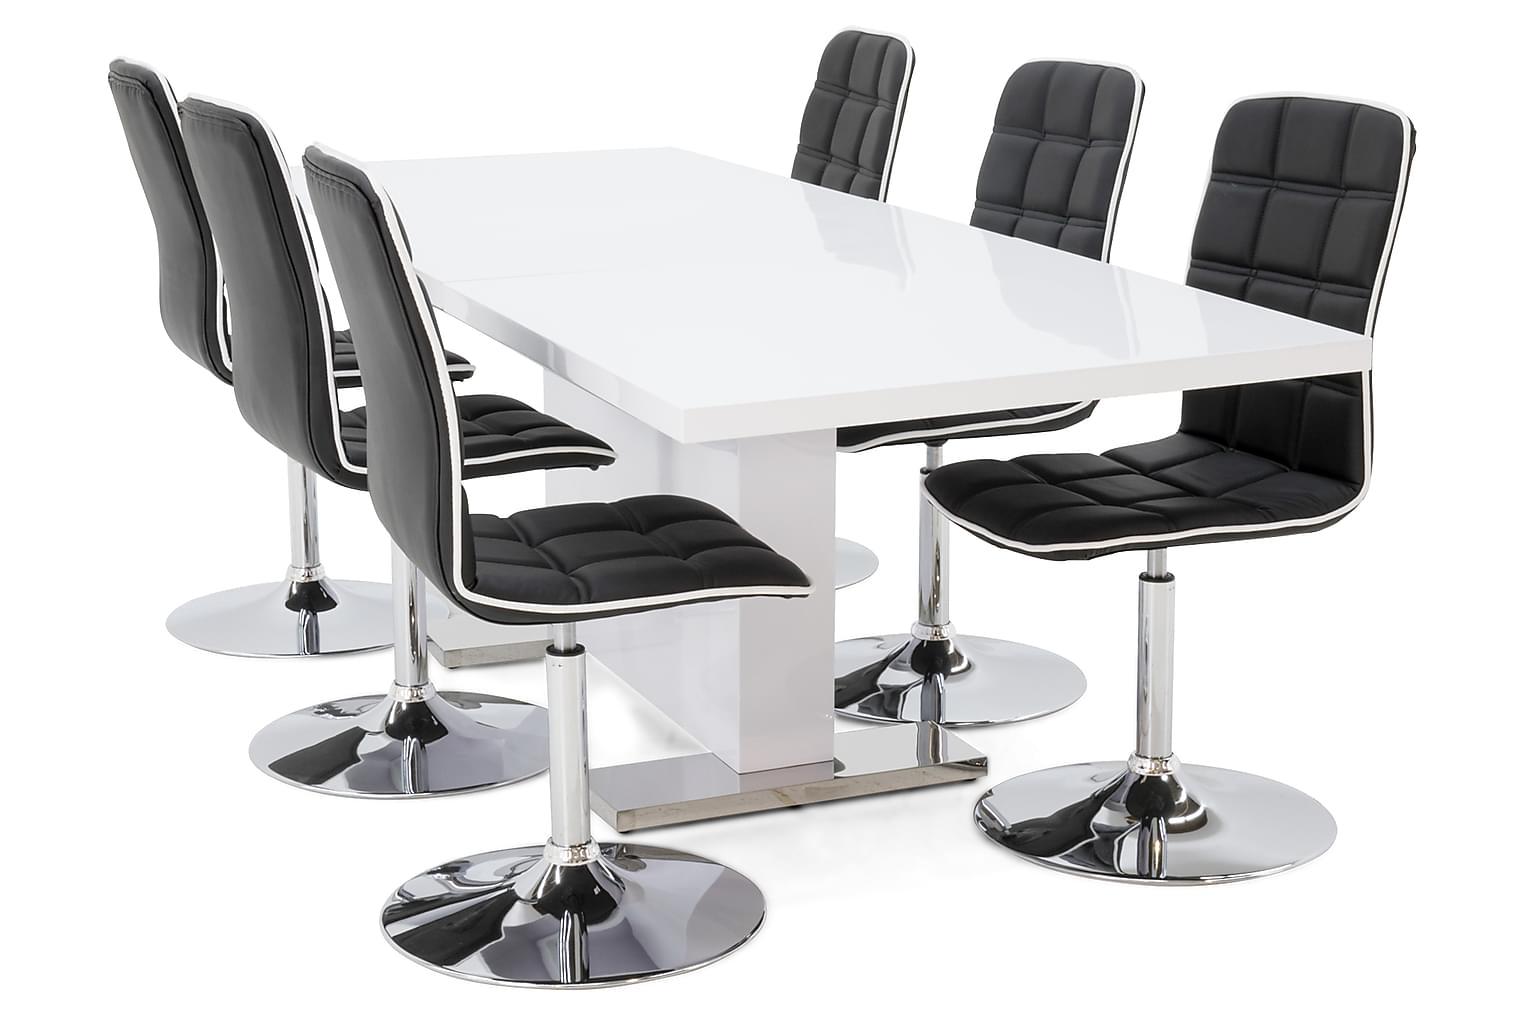 DUMAS Pöytä 180/230 Valkoinen + DESTIN Tuolia Musta